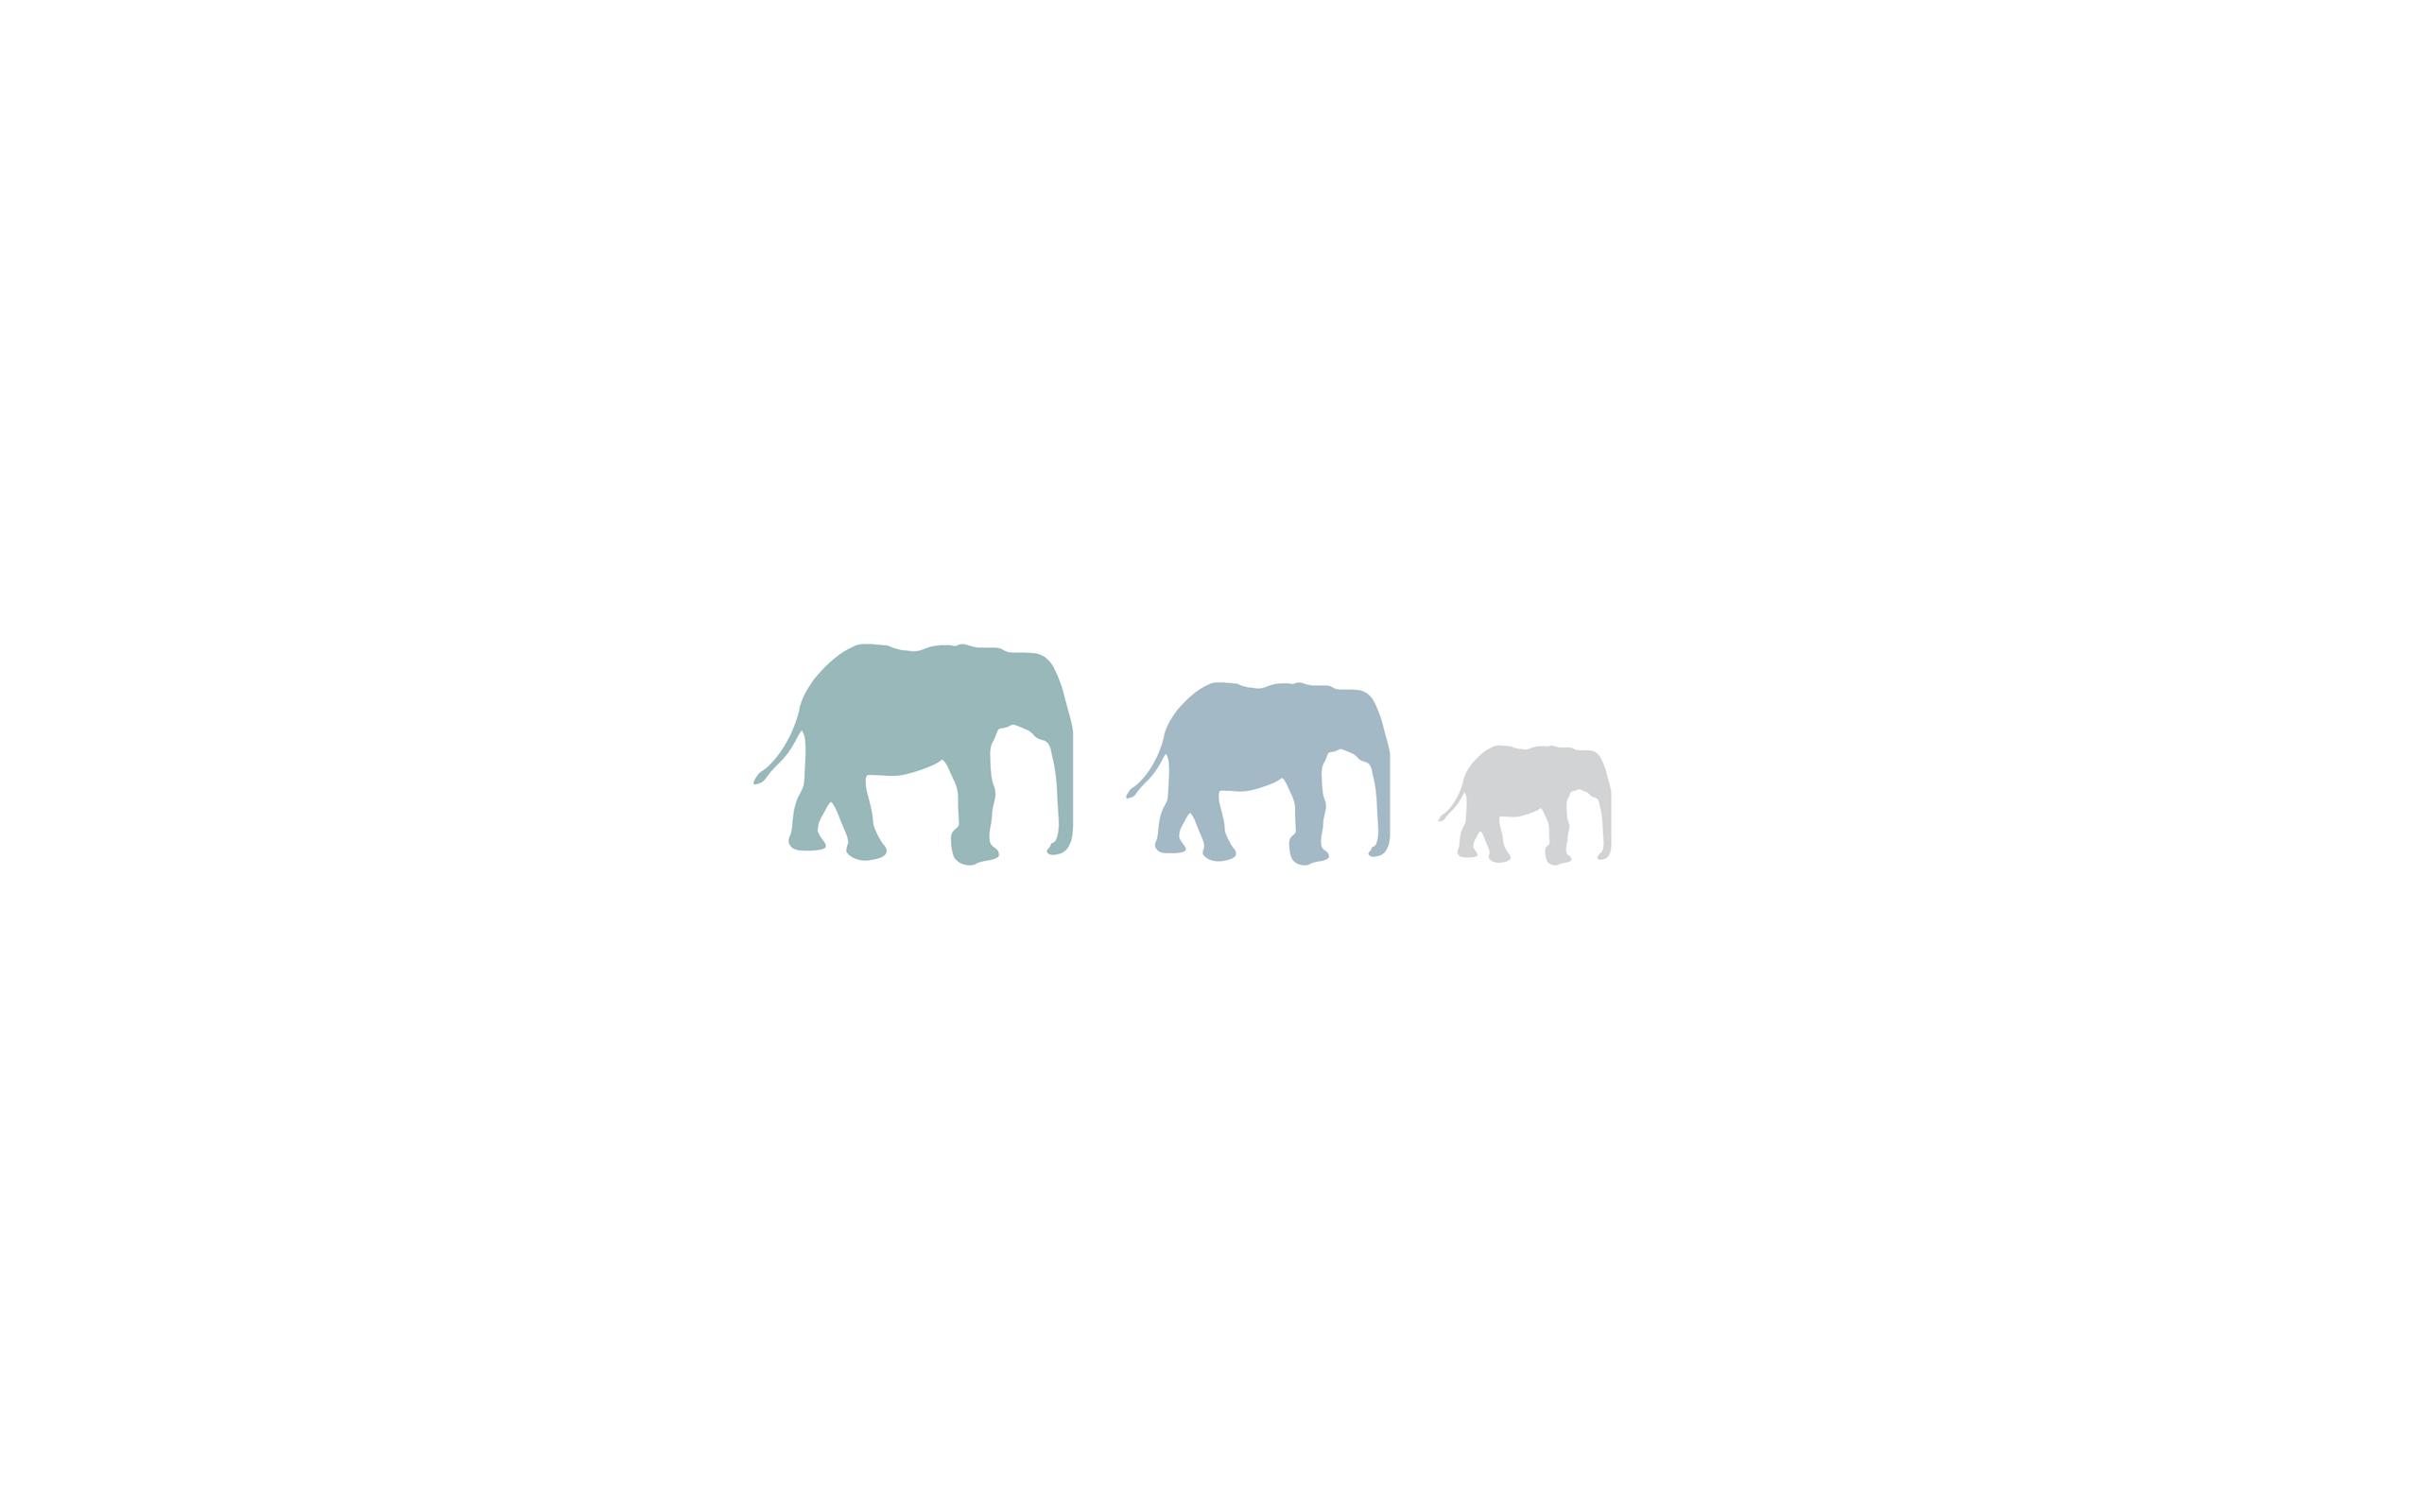 Elephants Elephant Wallpaper Wallpaper Minimalist Desktop Wallpaper